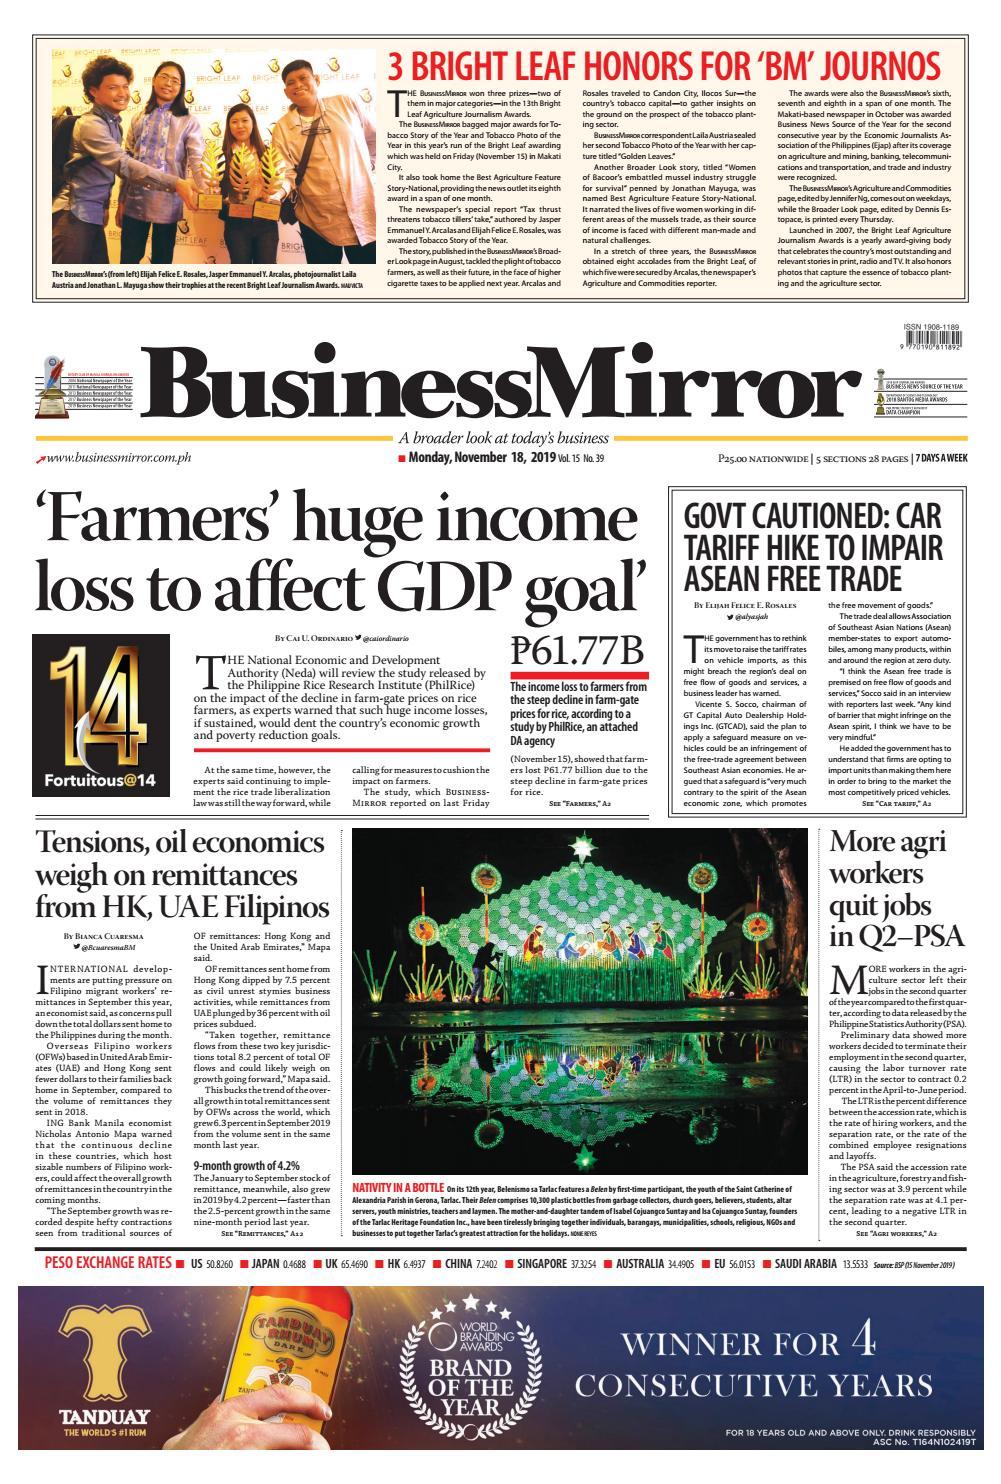 BusinessMirror November 18, 2019 by BusinessMirror - issuu